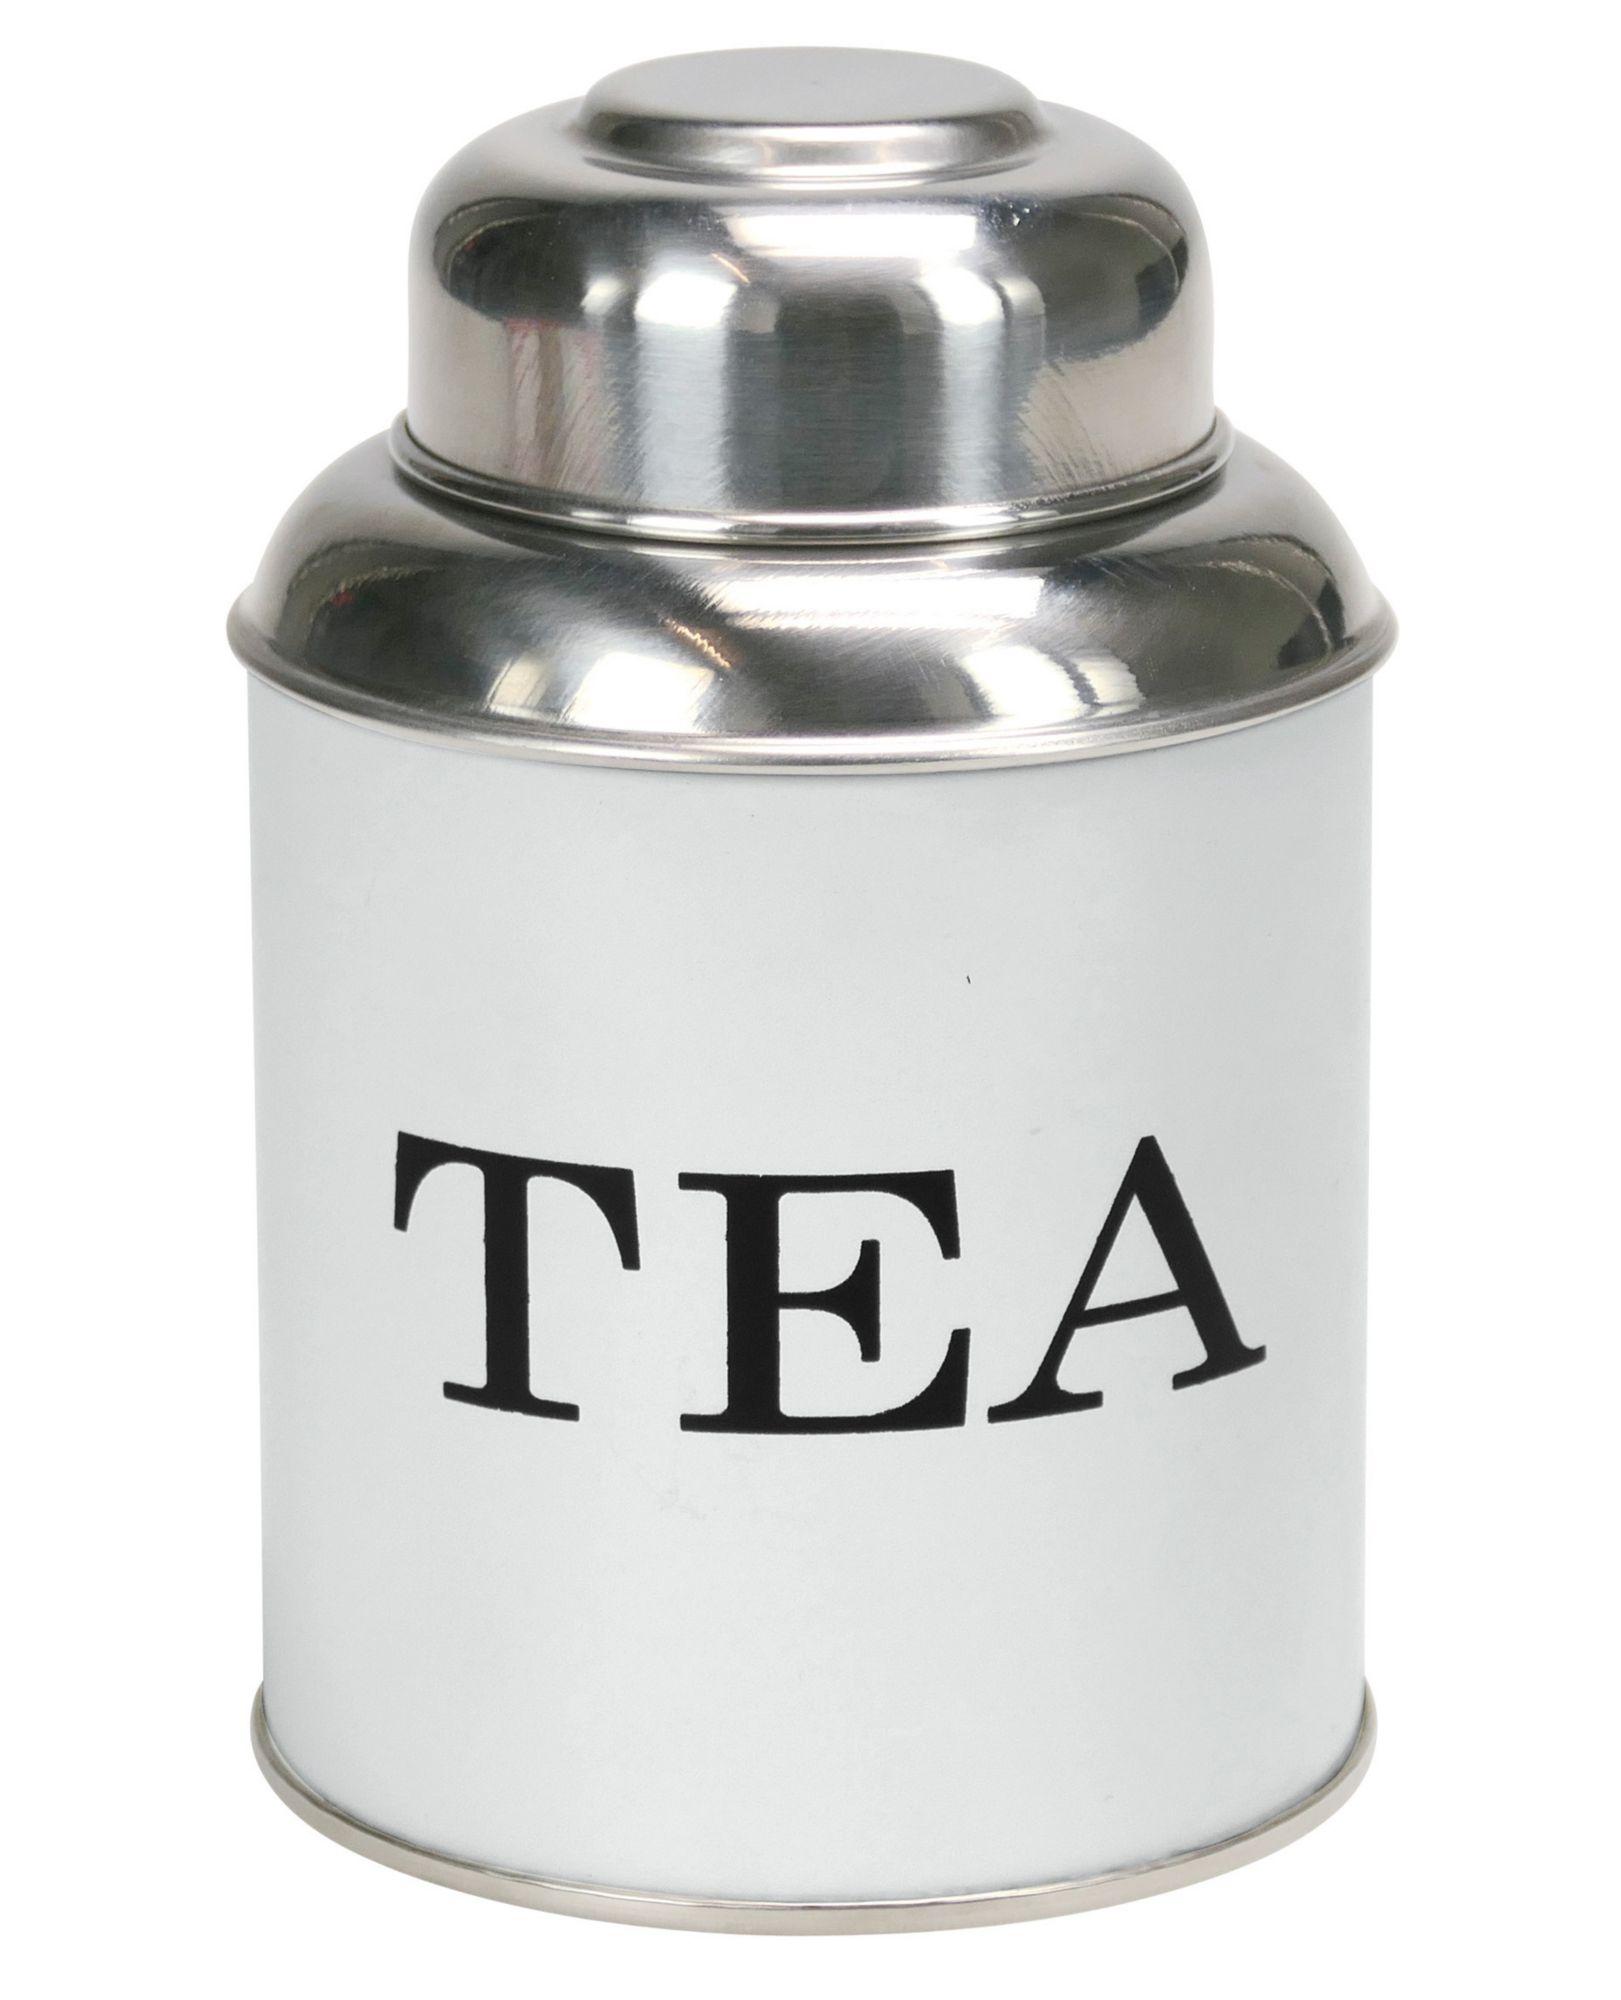 CONTENTO contento Teedose, »Tea« (2 Stück)